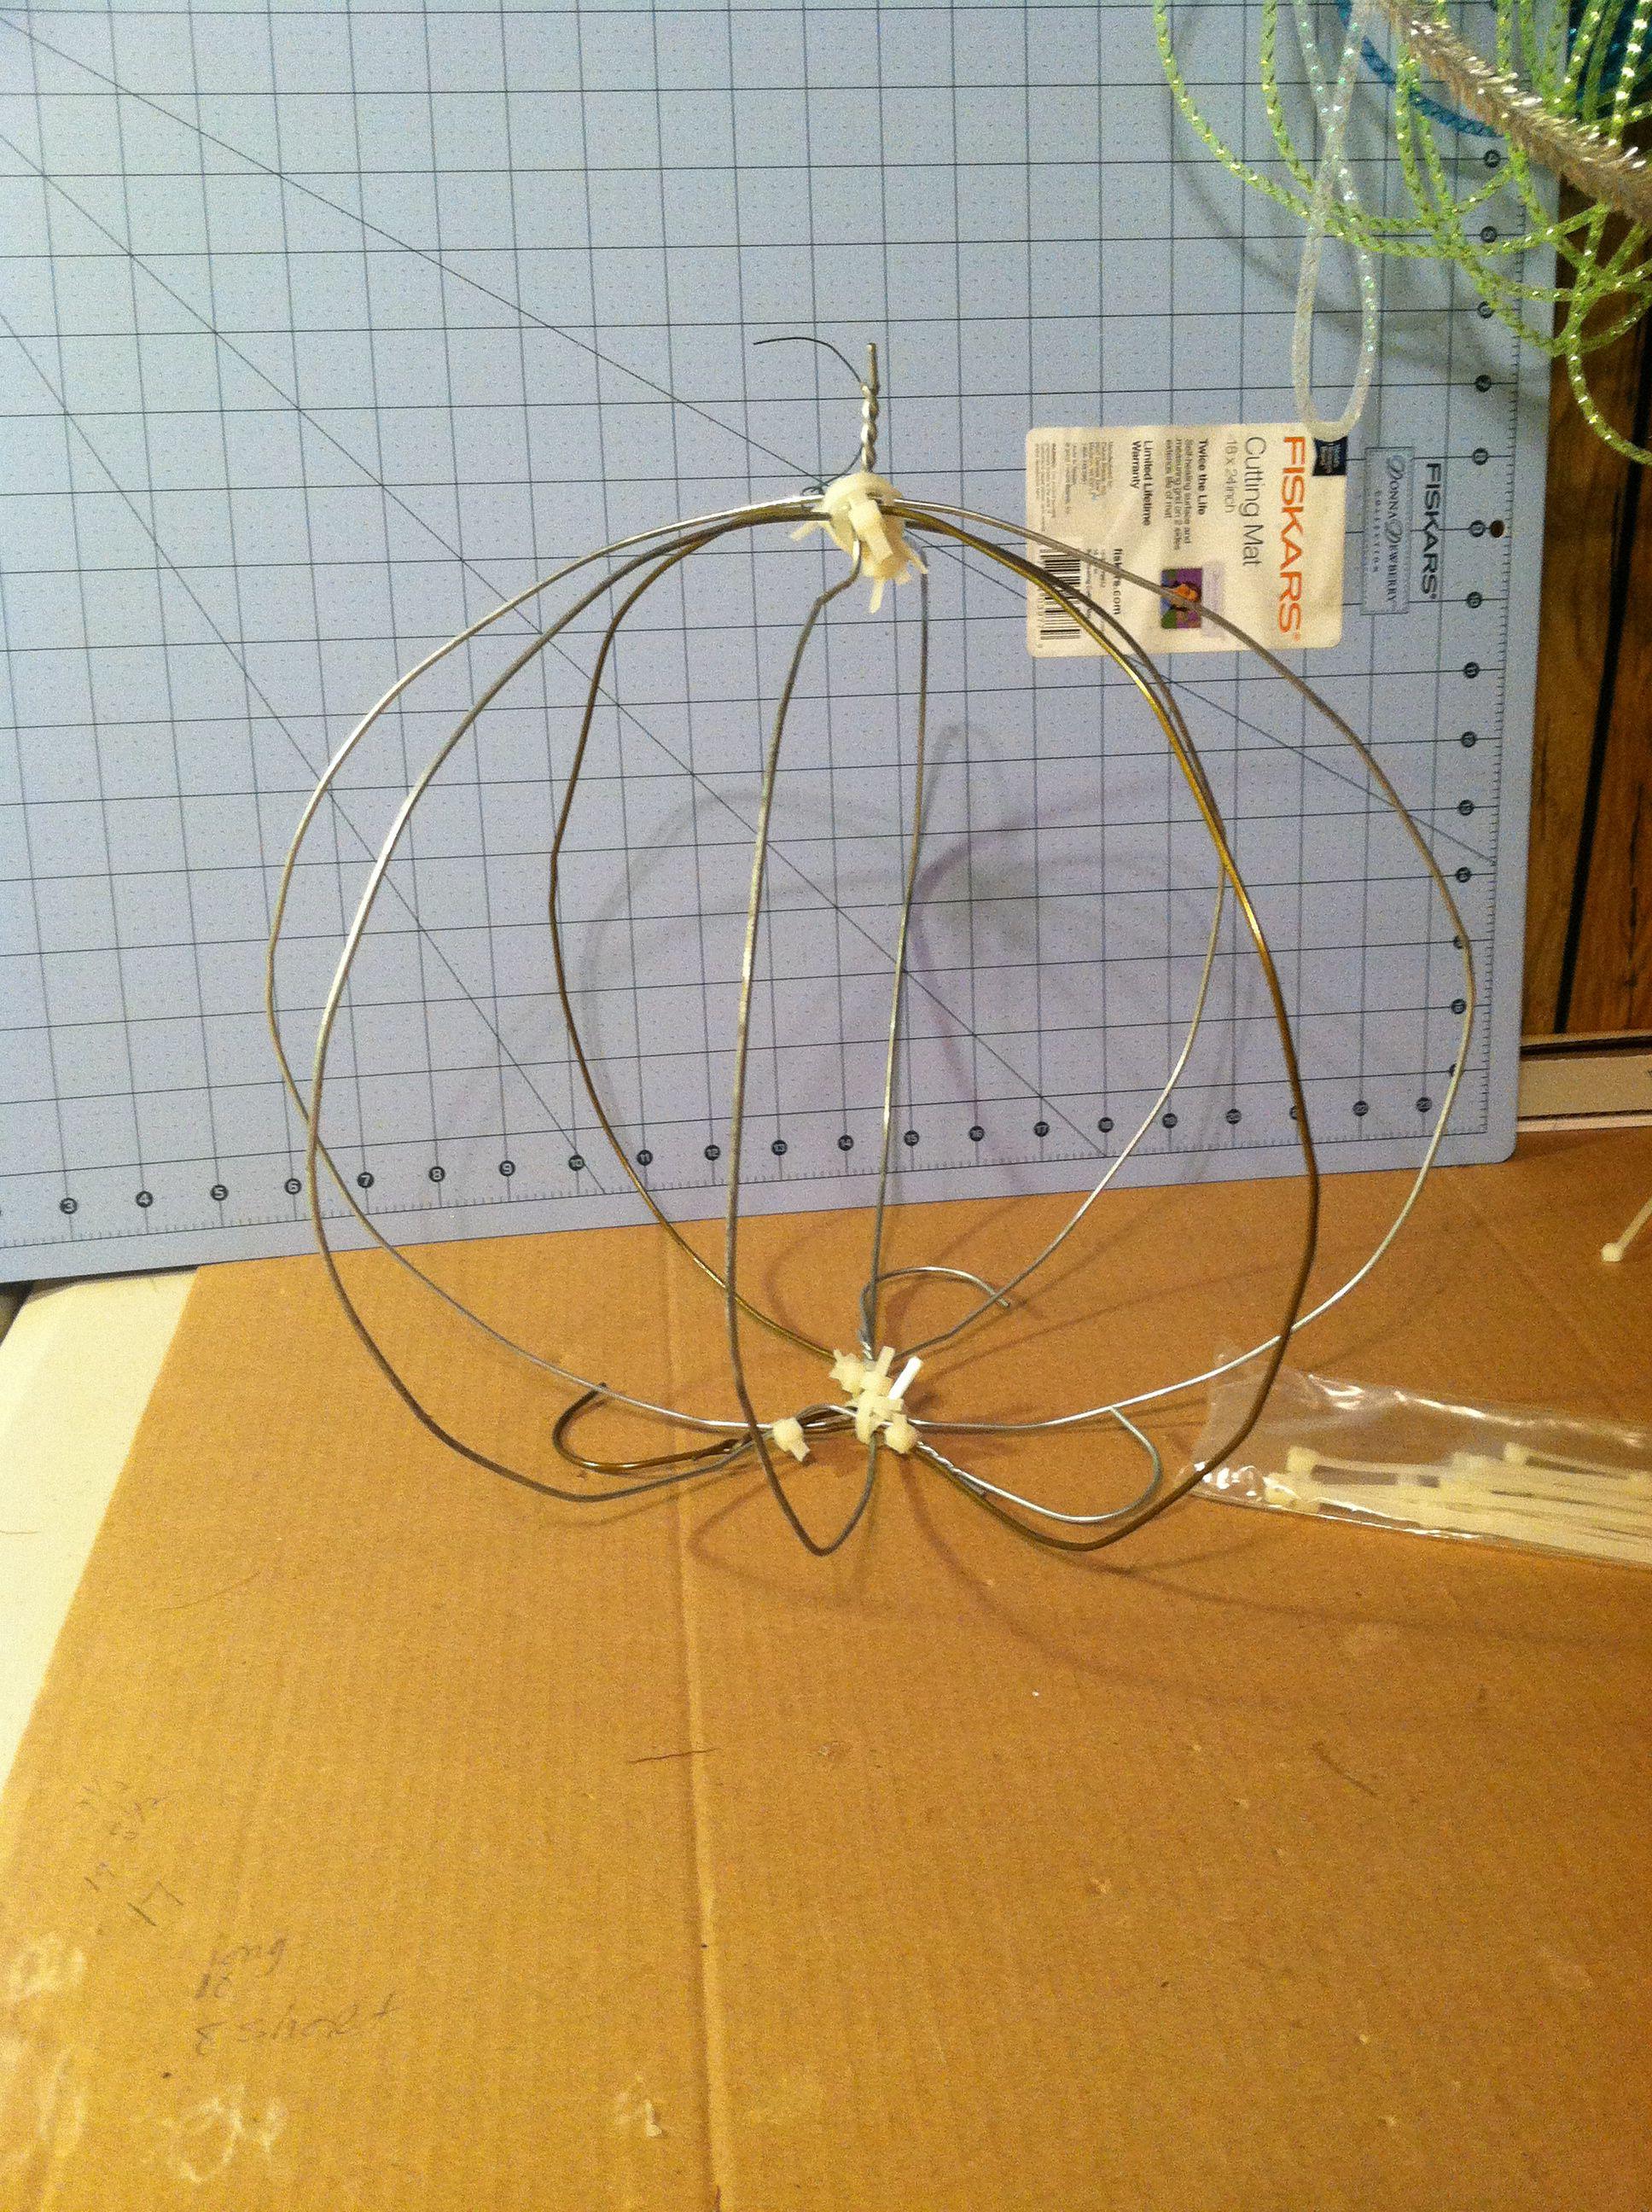 Made work ball for deco mesh pumpkin using wire hangers, zip ties ...